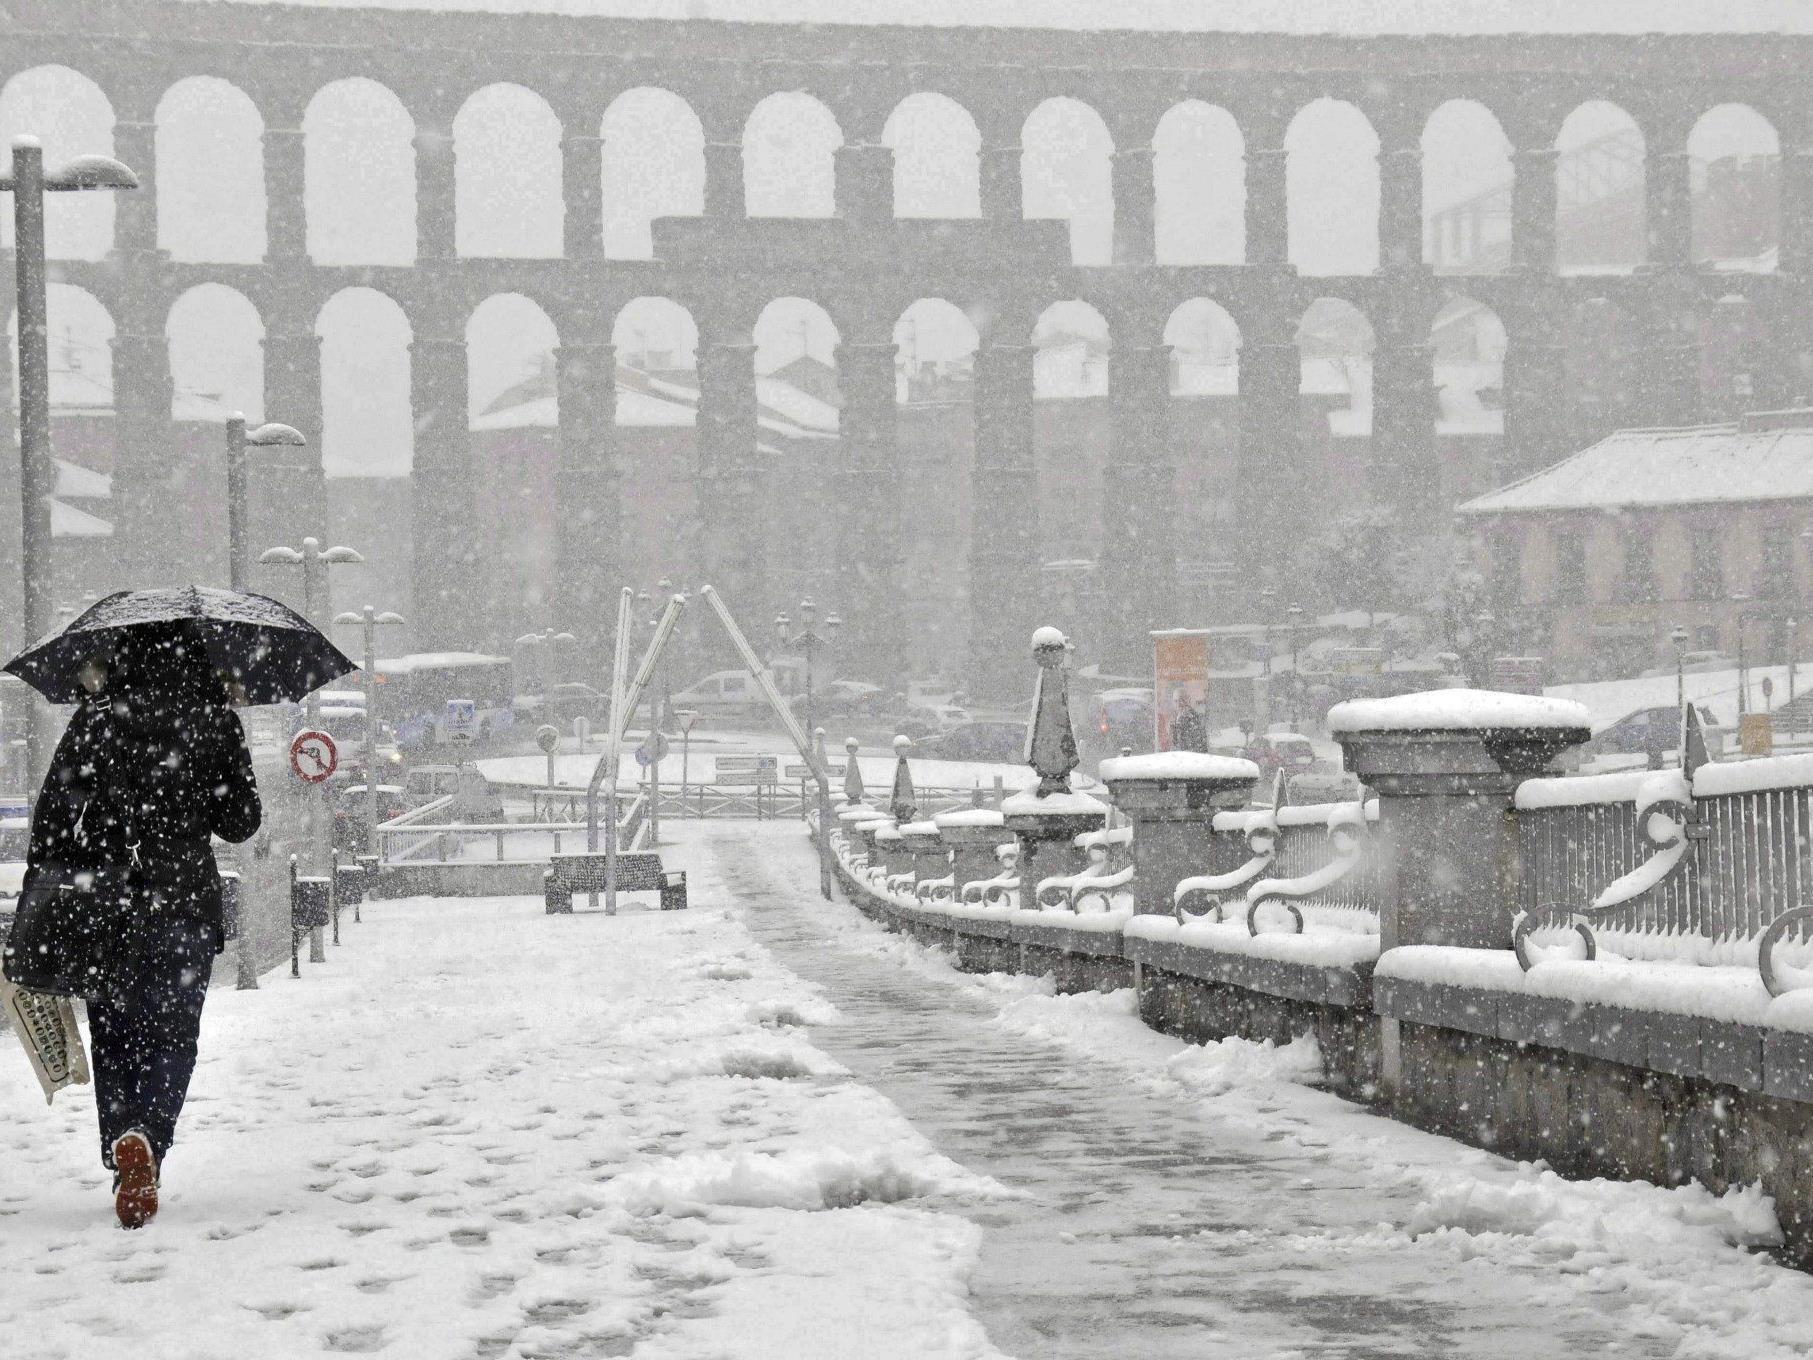 Während der Großteil Europas sonniges Frühlingswetter genießt, fiel in mehreren Provinzen Spaniens Schnee.